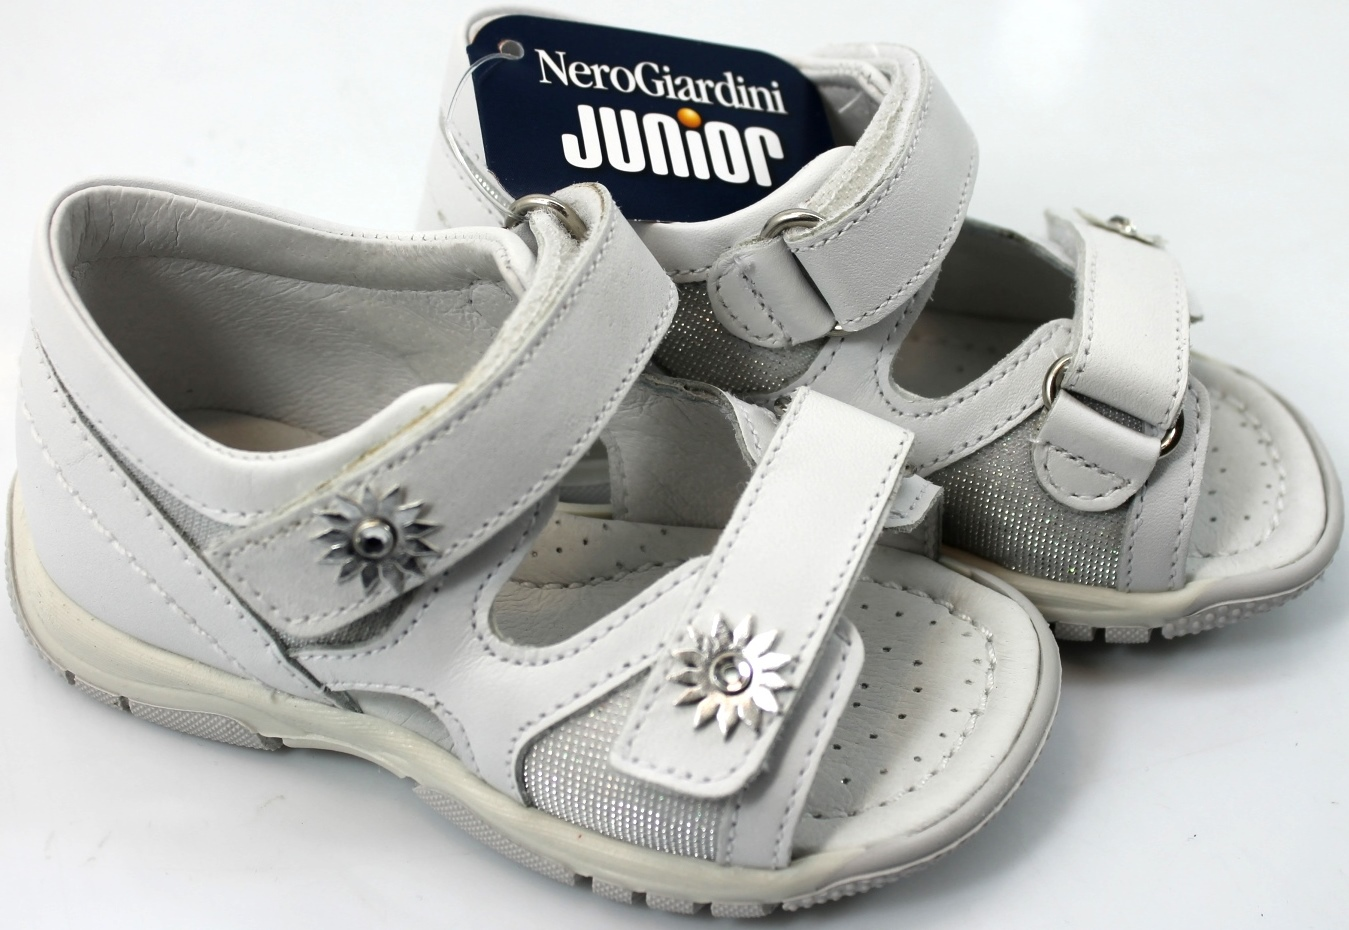 Sneakers con chiusura velcro per bambina NeroGiardini Junior Buscando tWhU1OX